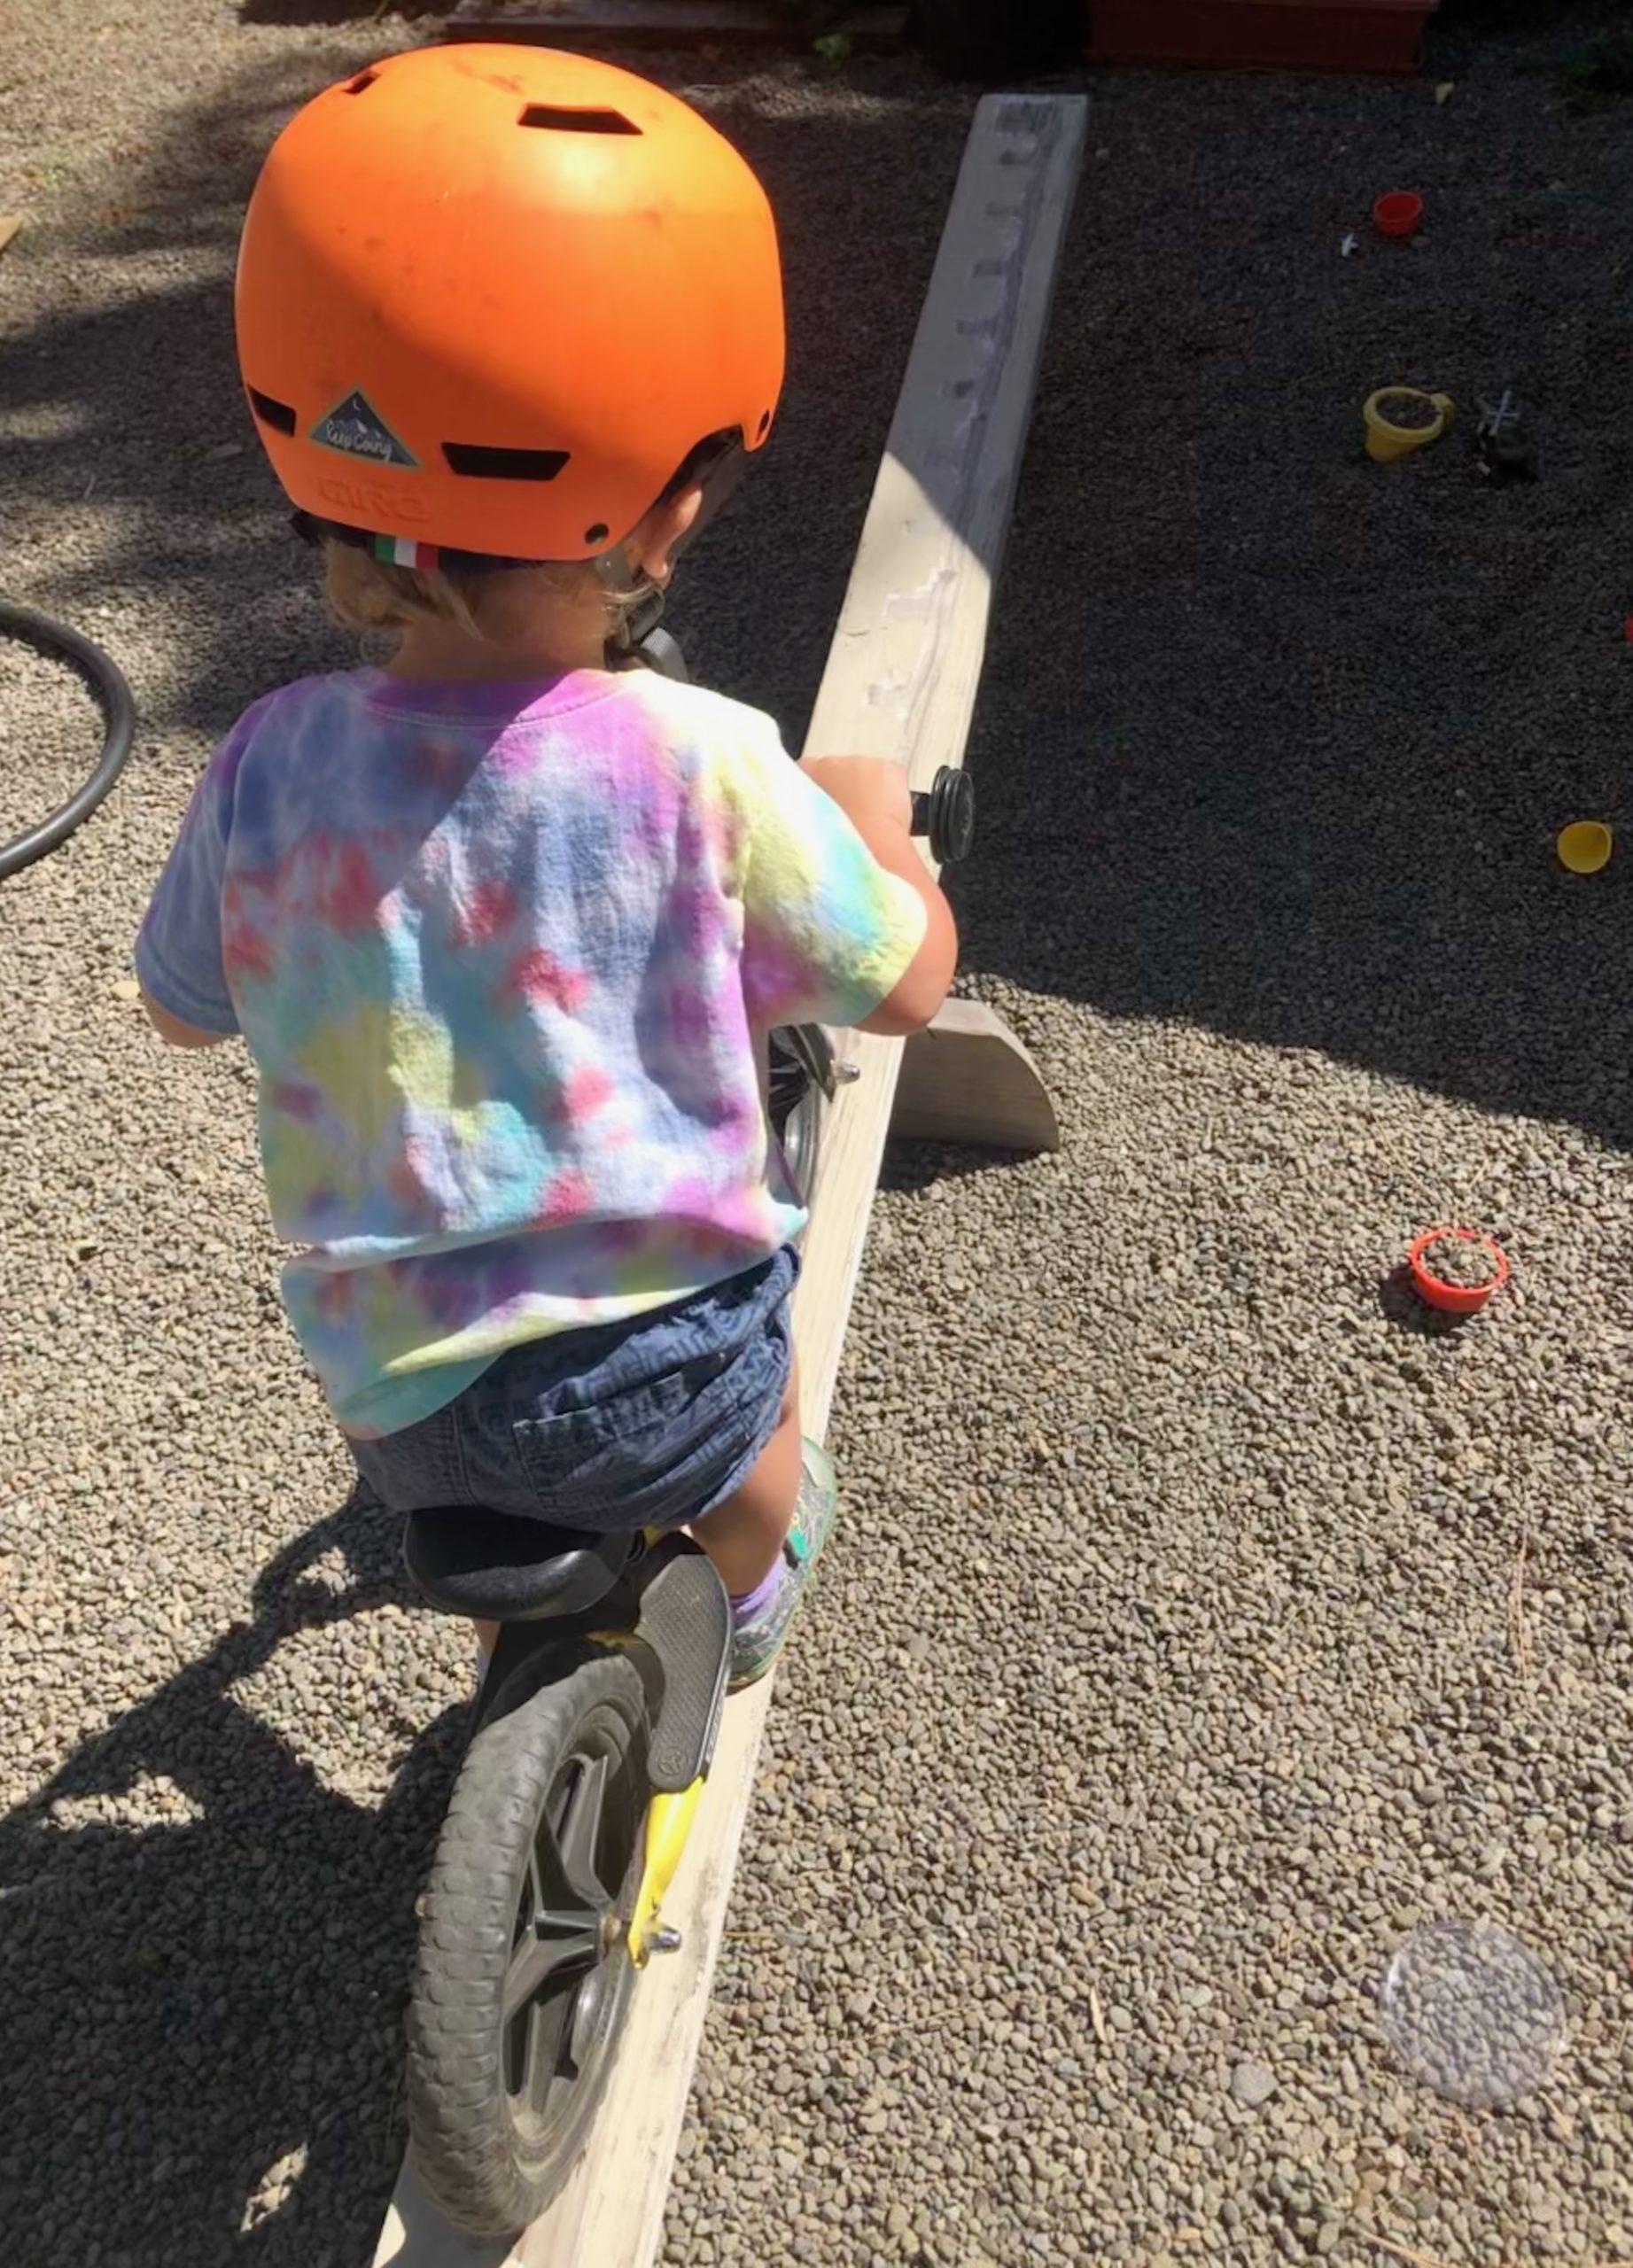 Bike obstacle ramp